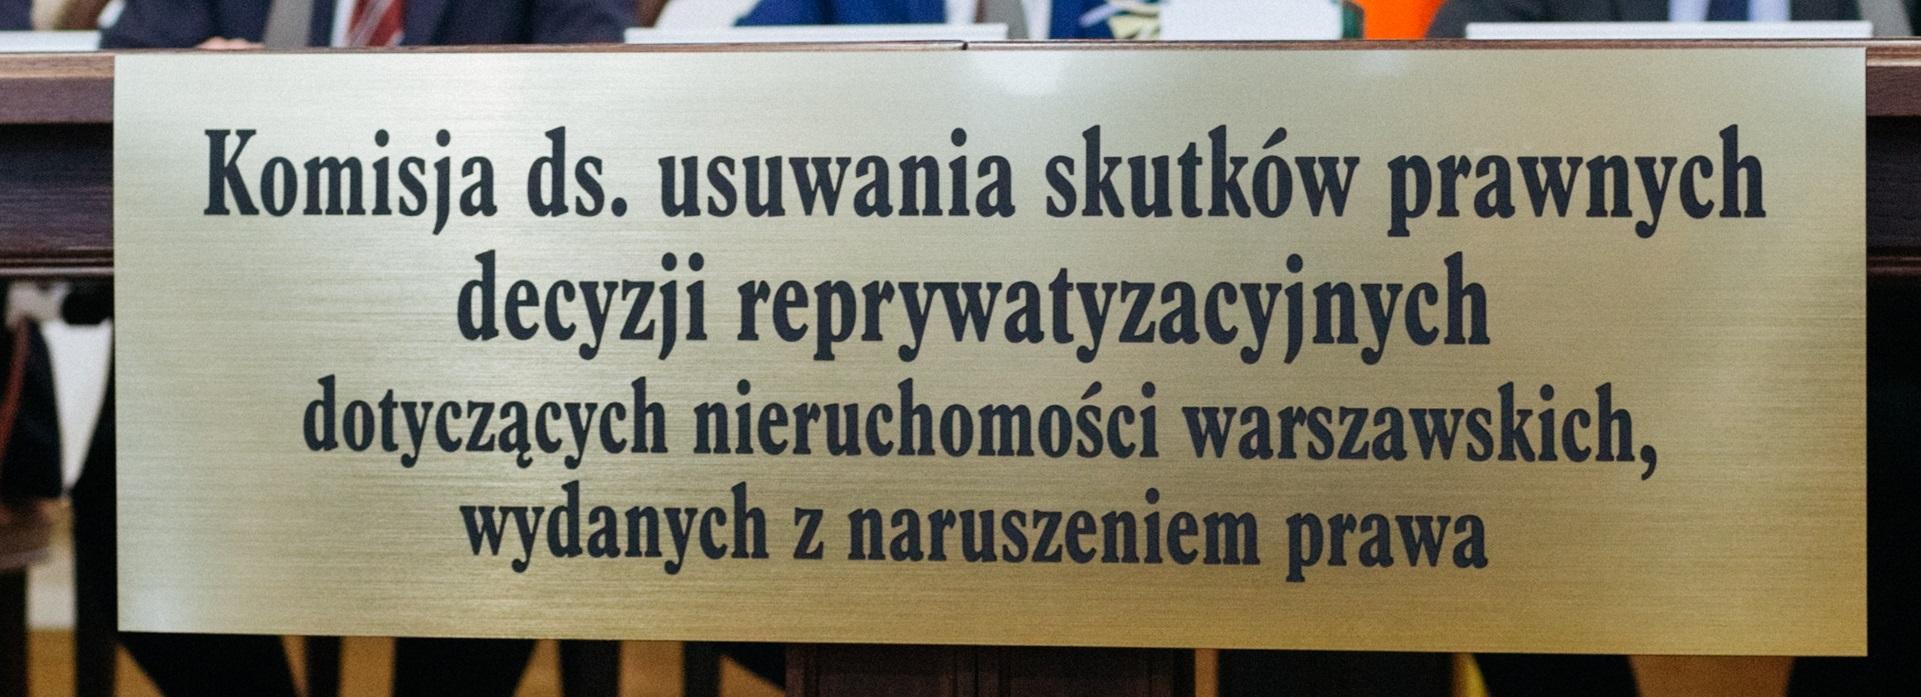 Jolanta Brzeska – ofiara dzikiej reprywatyzacji